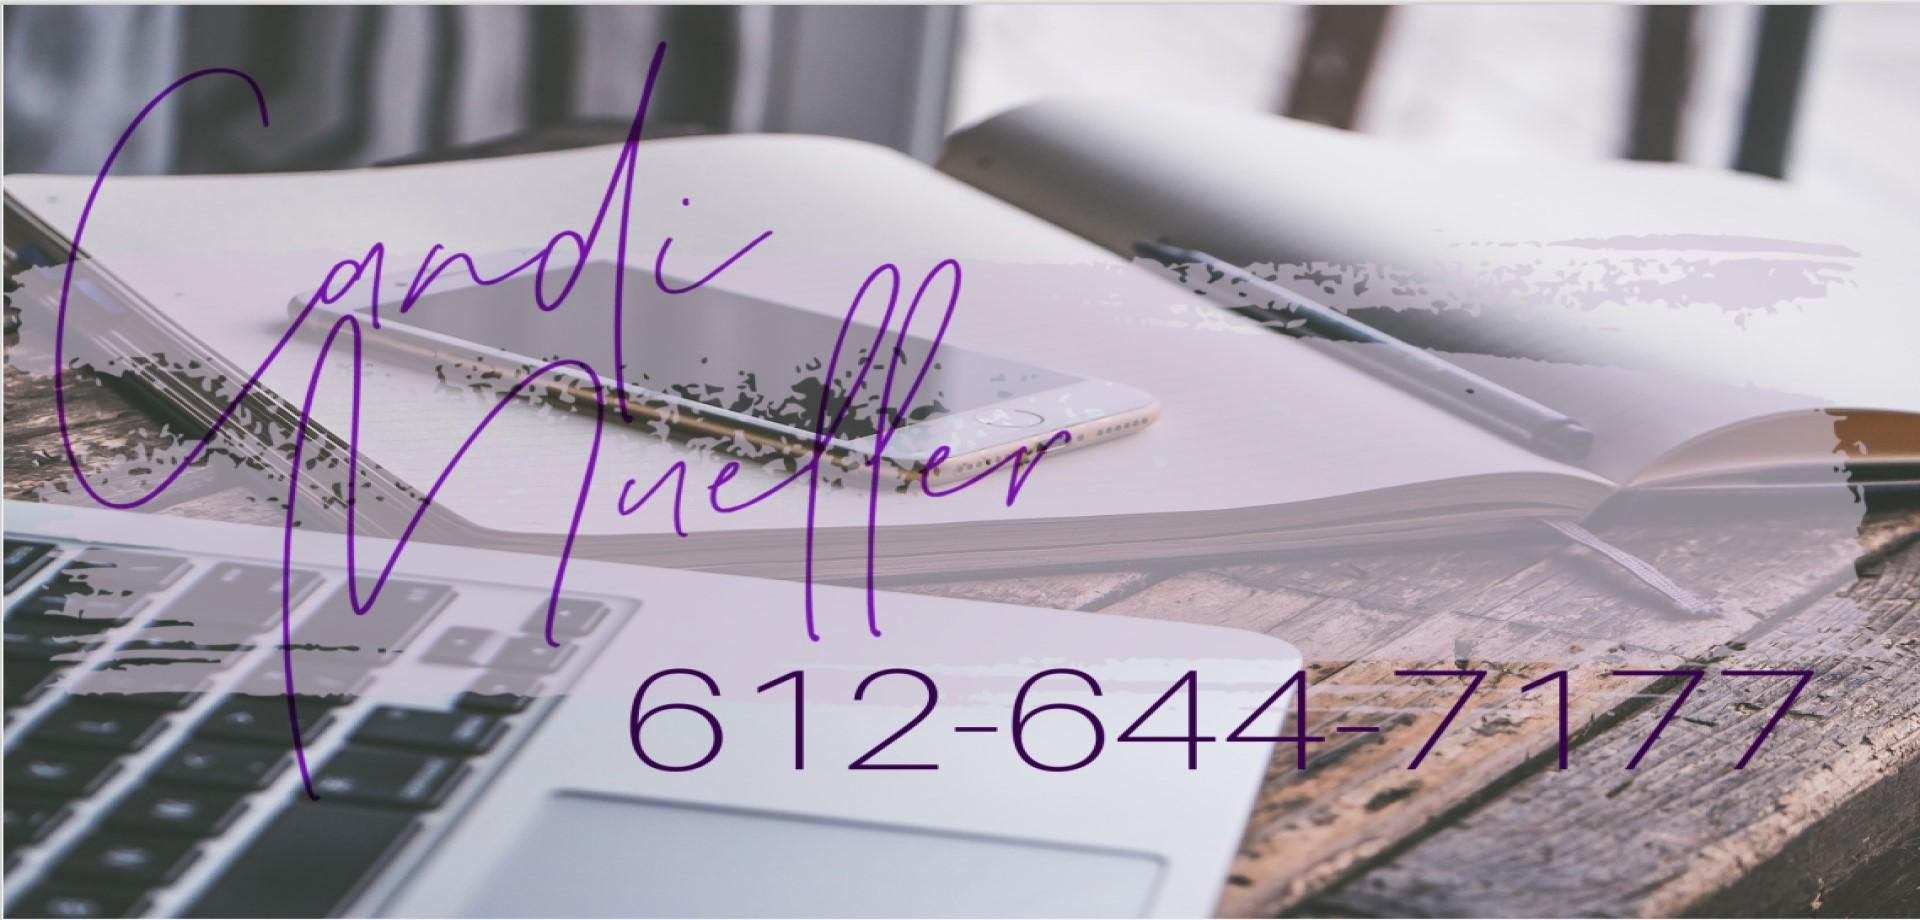 Candi Mueller 612-644-7177